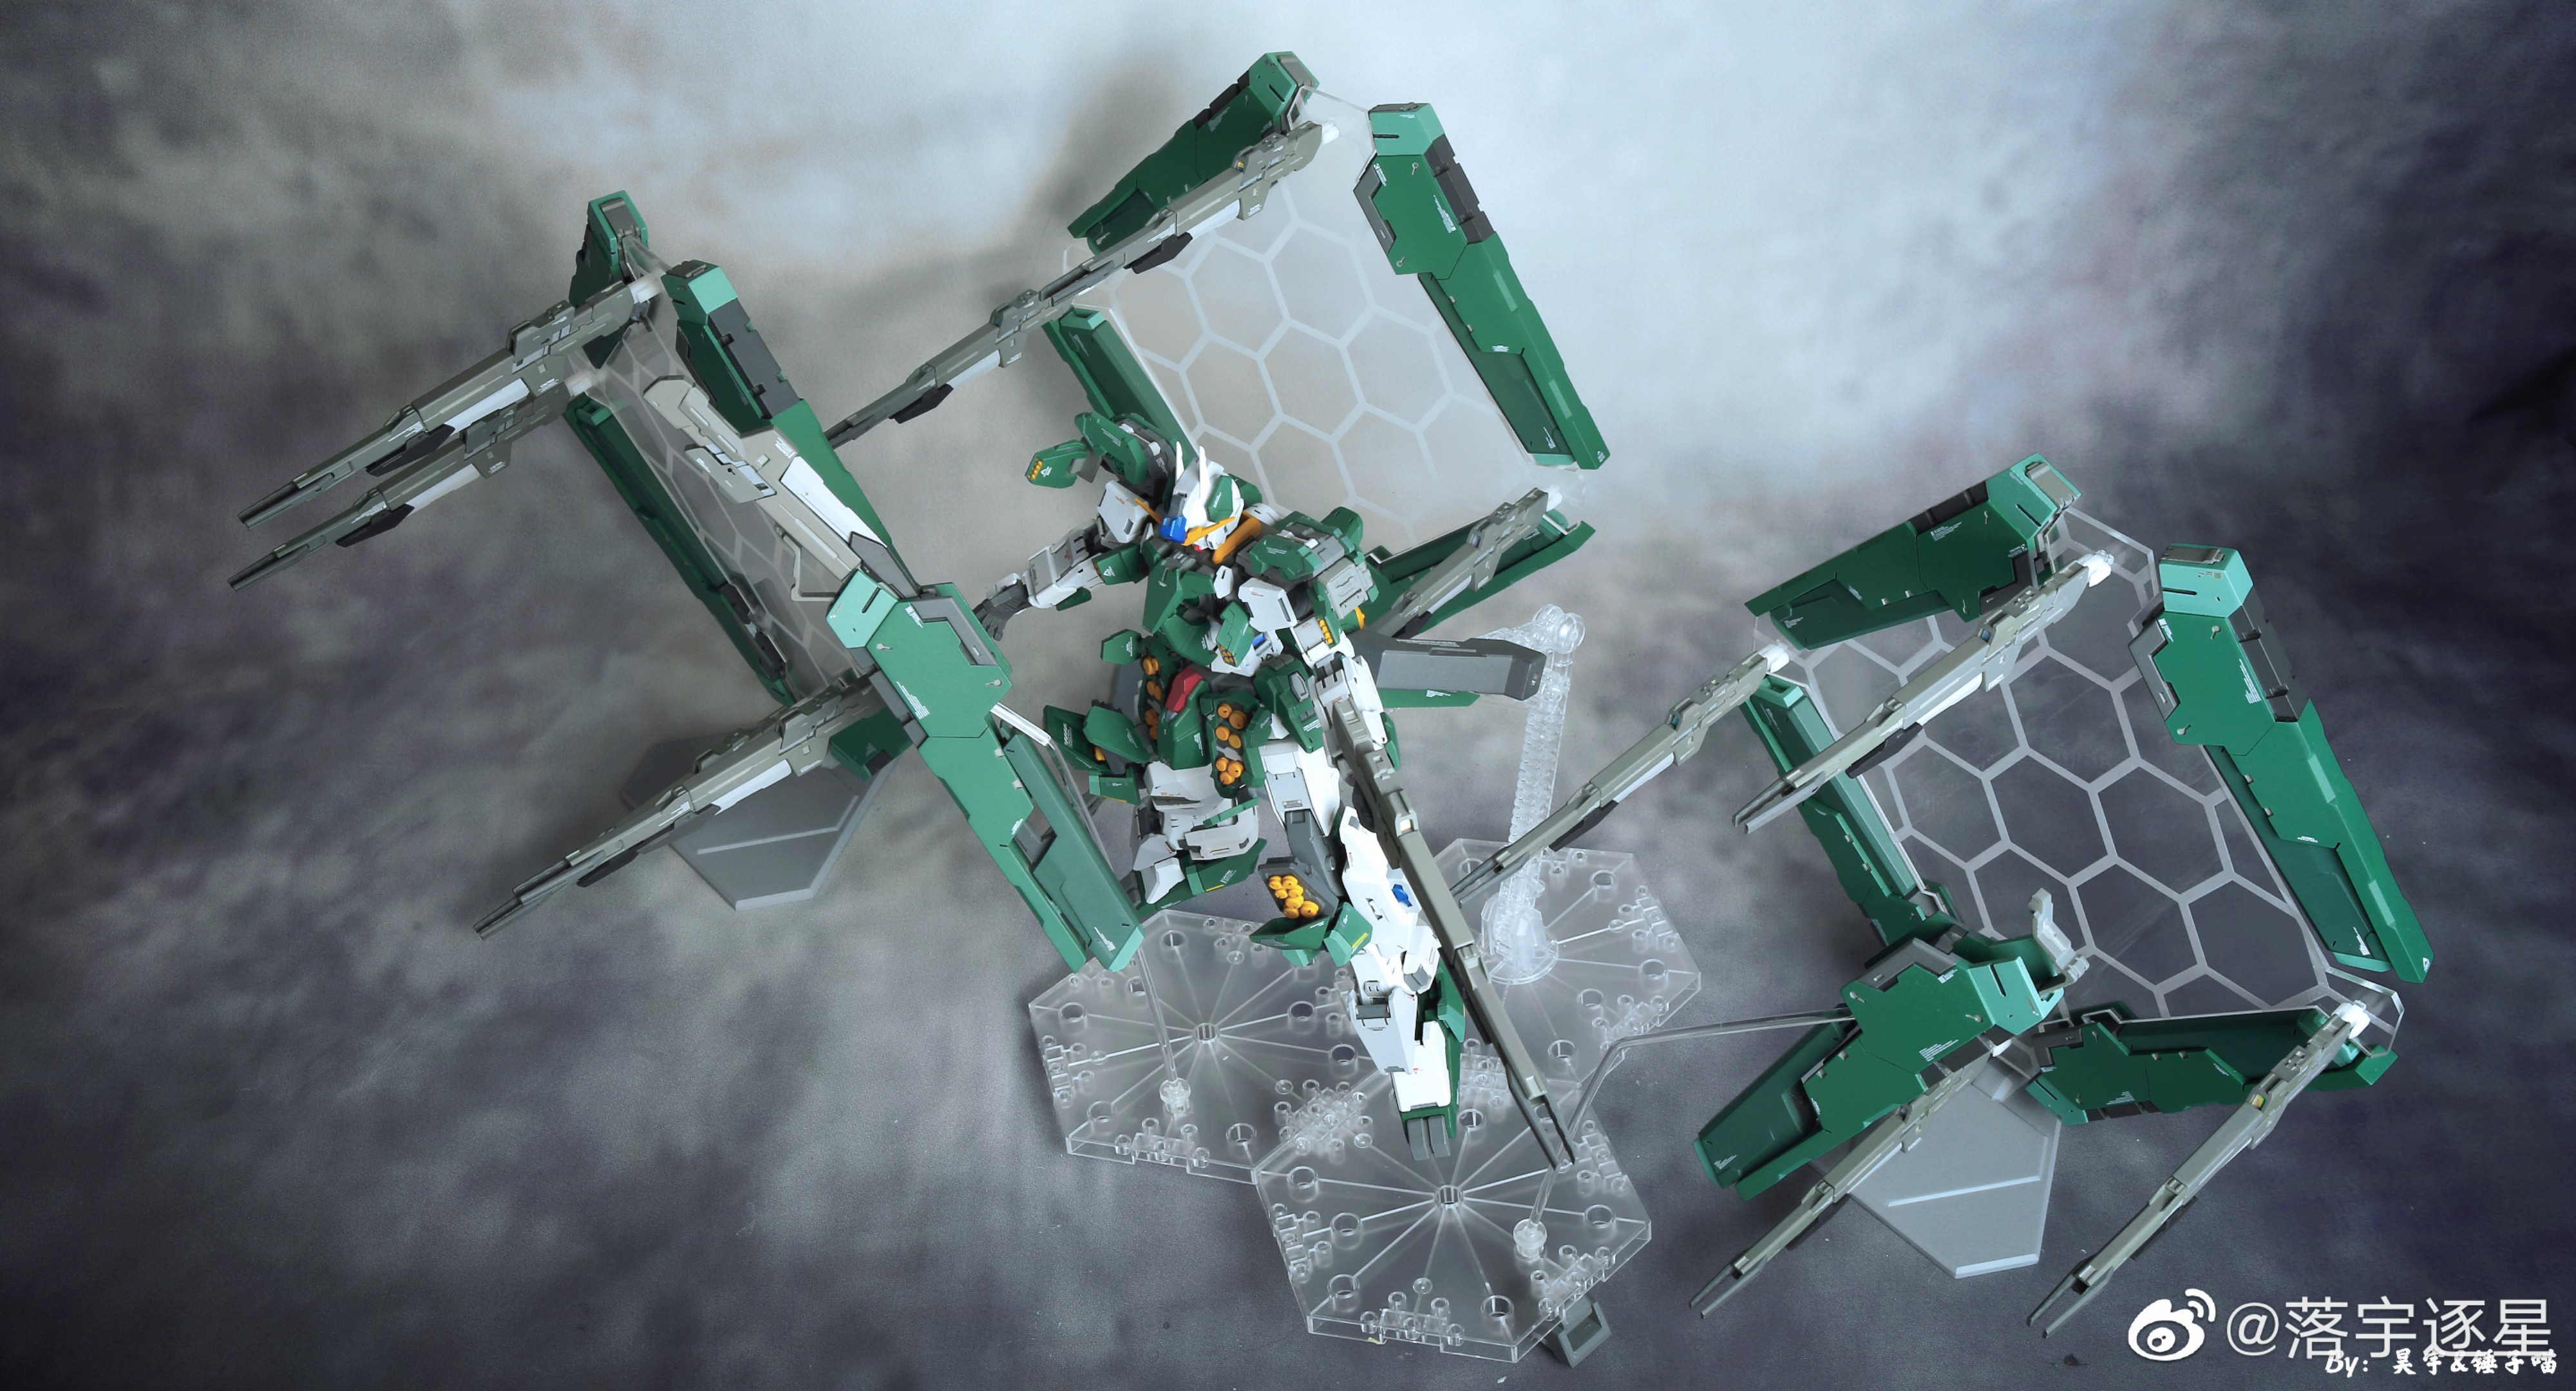 G652_3_GN_010_OO_Gundam_Zabanya_004.jpg